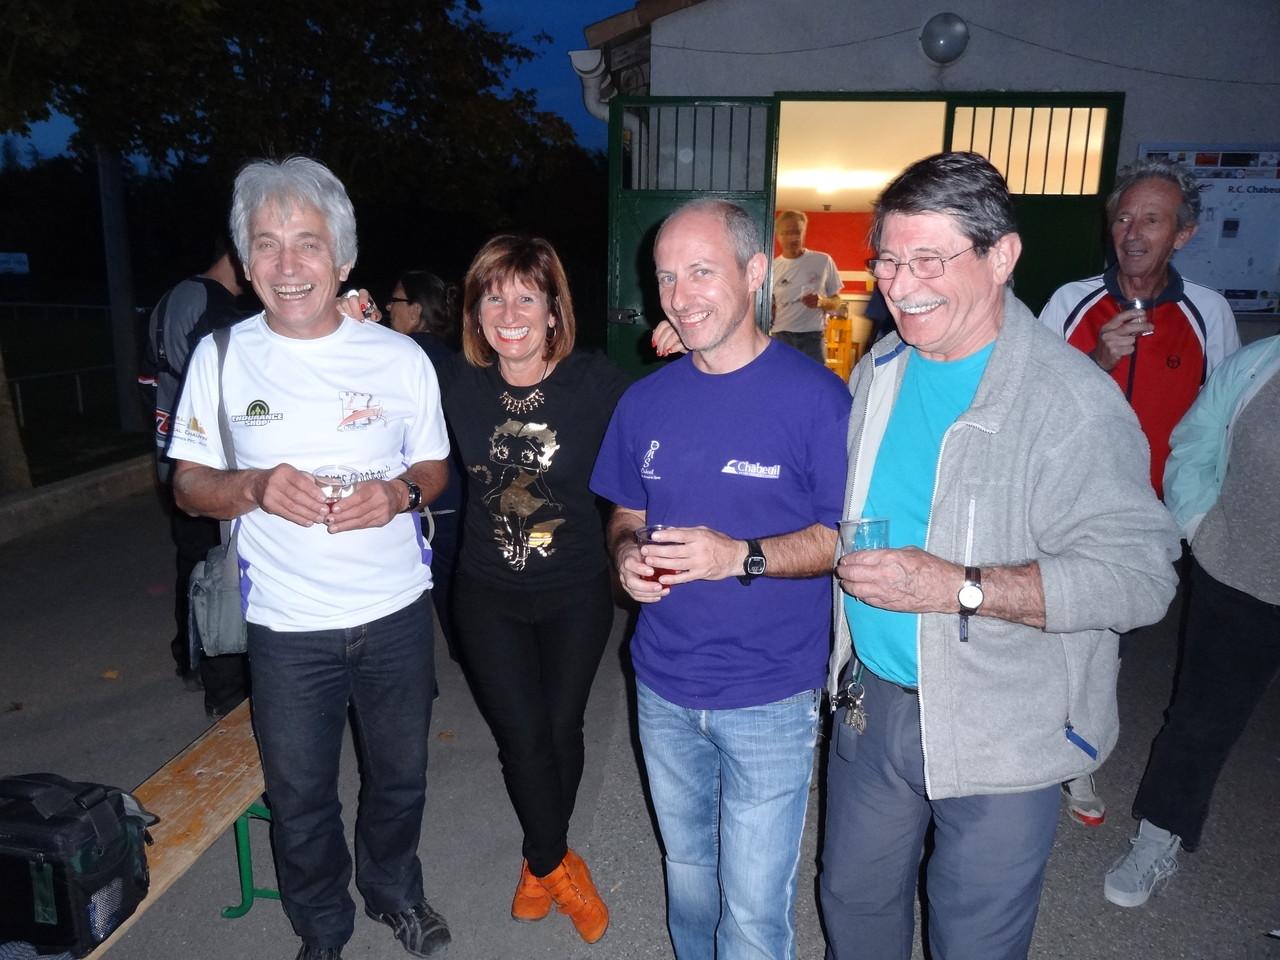 3 Président, une secrétaire,de gauche à droite: Robert Joux président de 2006 à 2009, Ginette depeisse secrétaire, Florent Monzonis président depuis 2009, Max Gay président avant 2006.